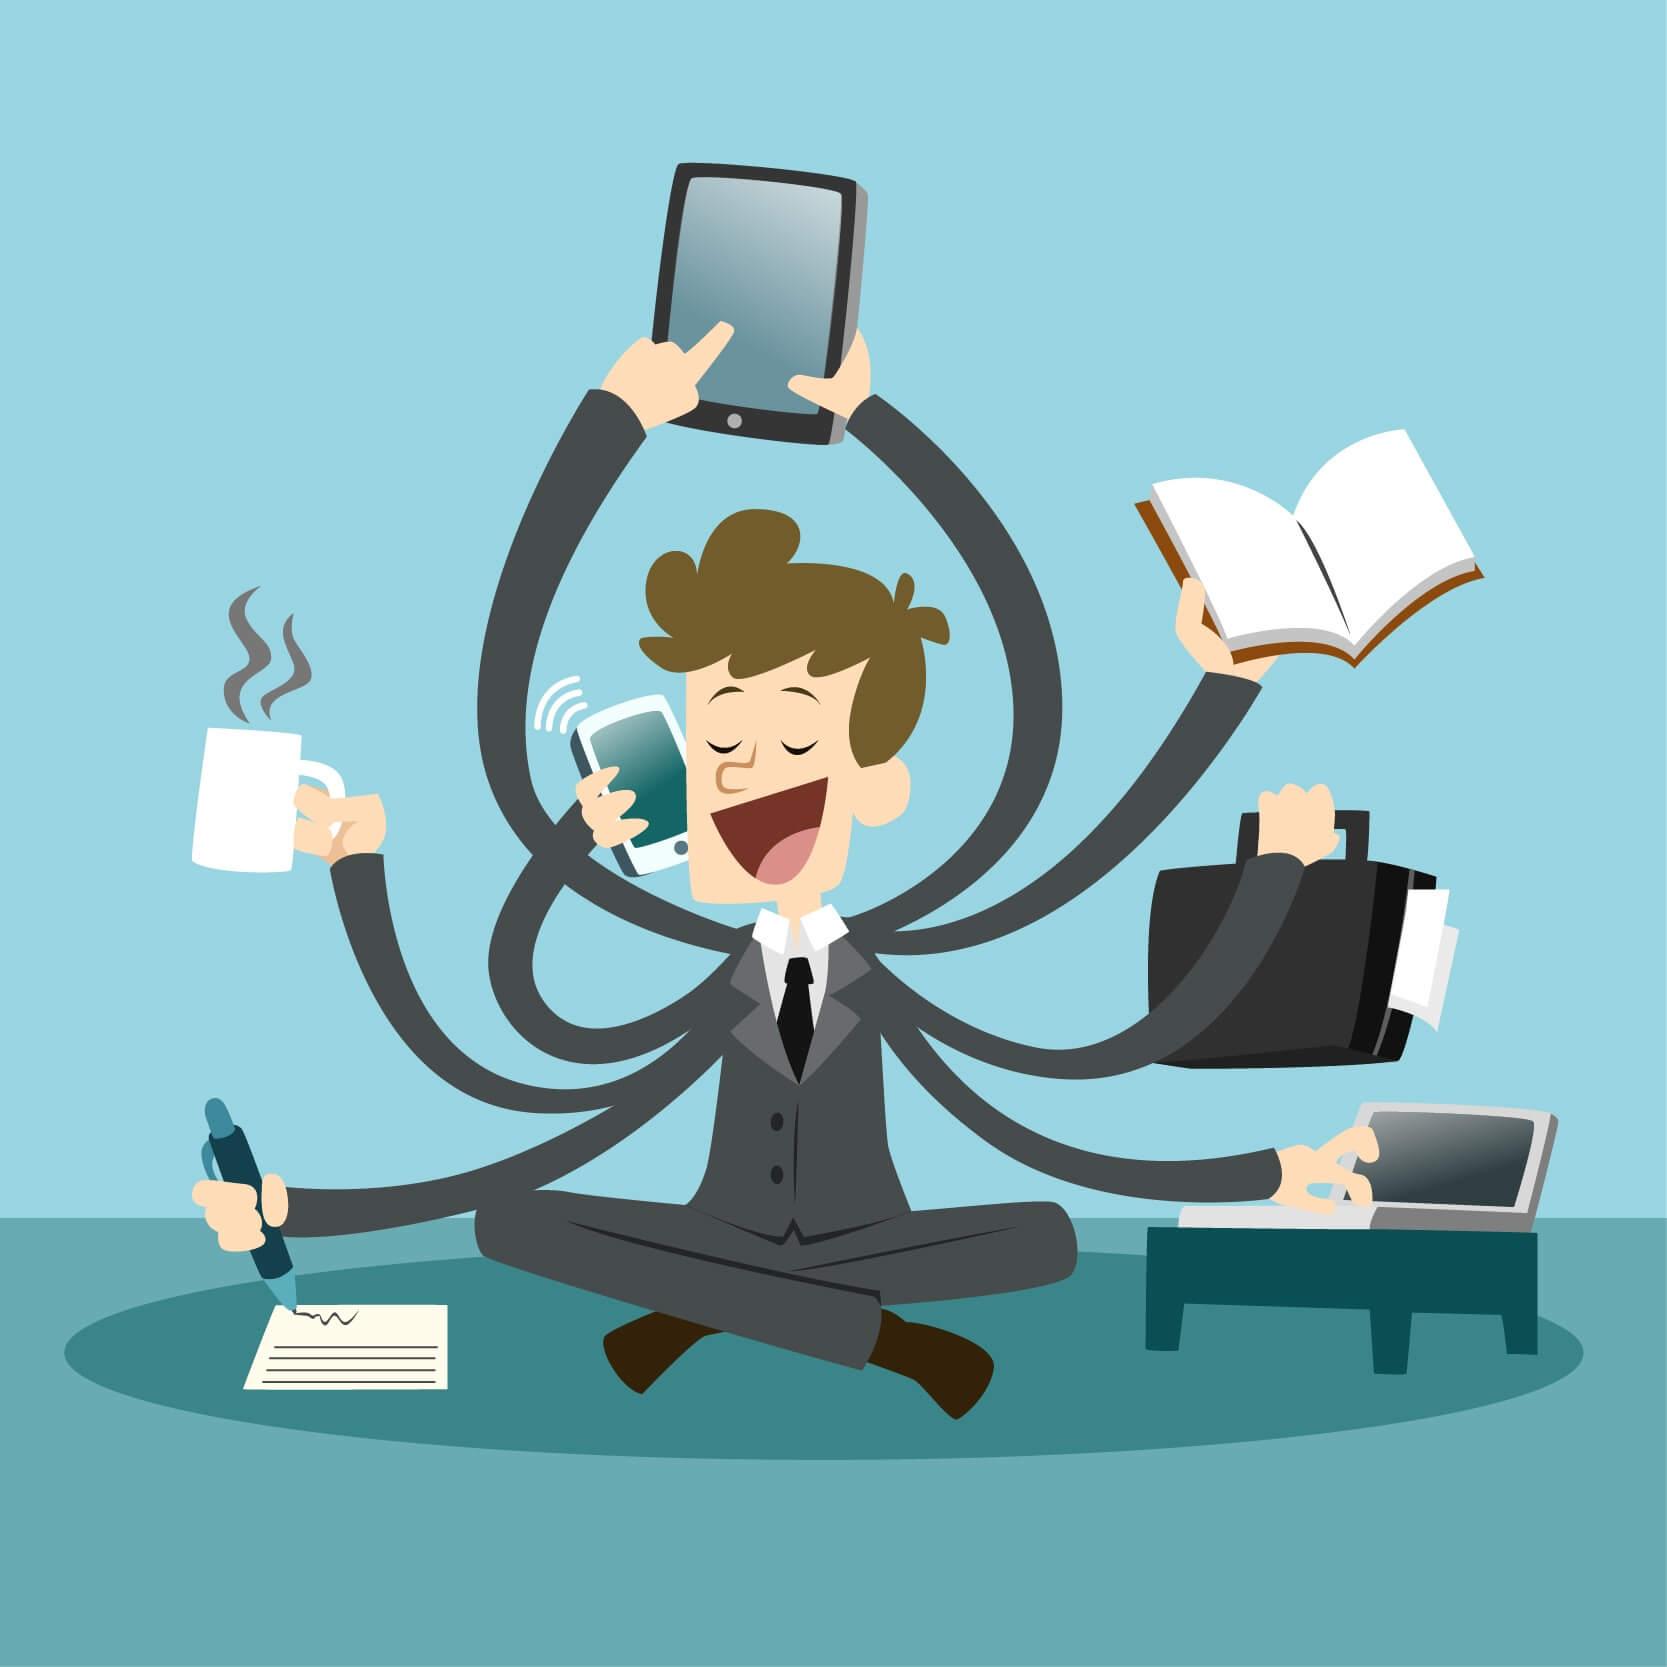 Cómo motivar al personal ¡Aumenta la probabilidad de éxito (II)!